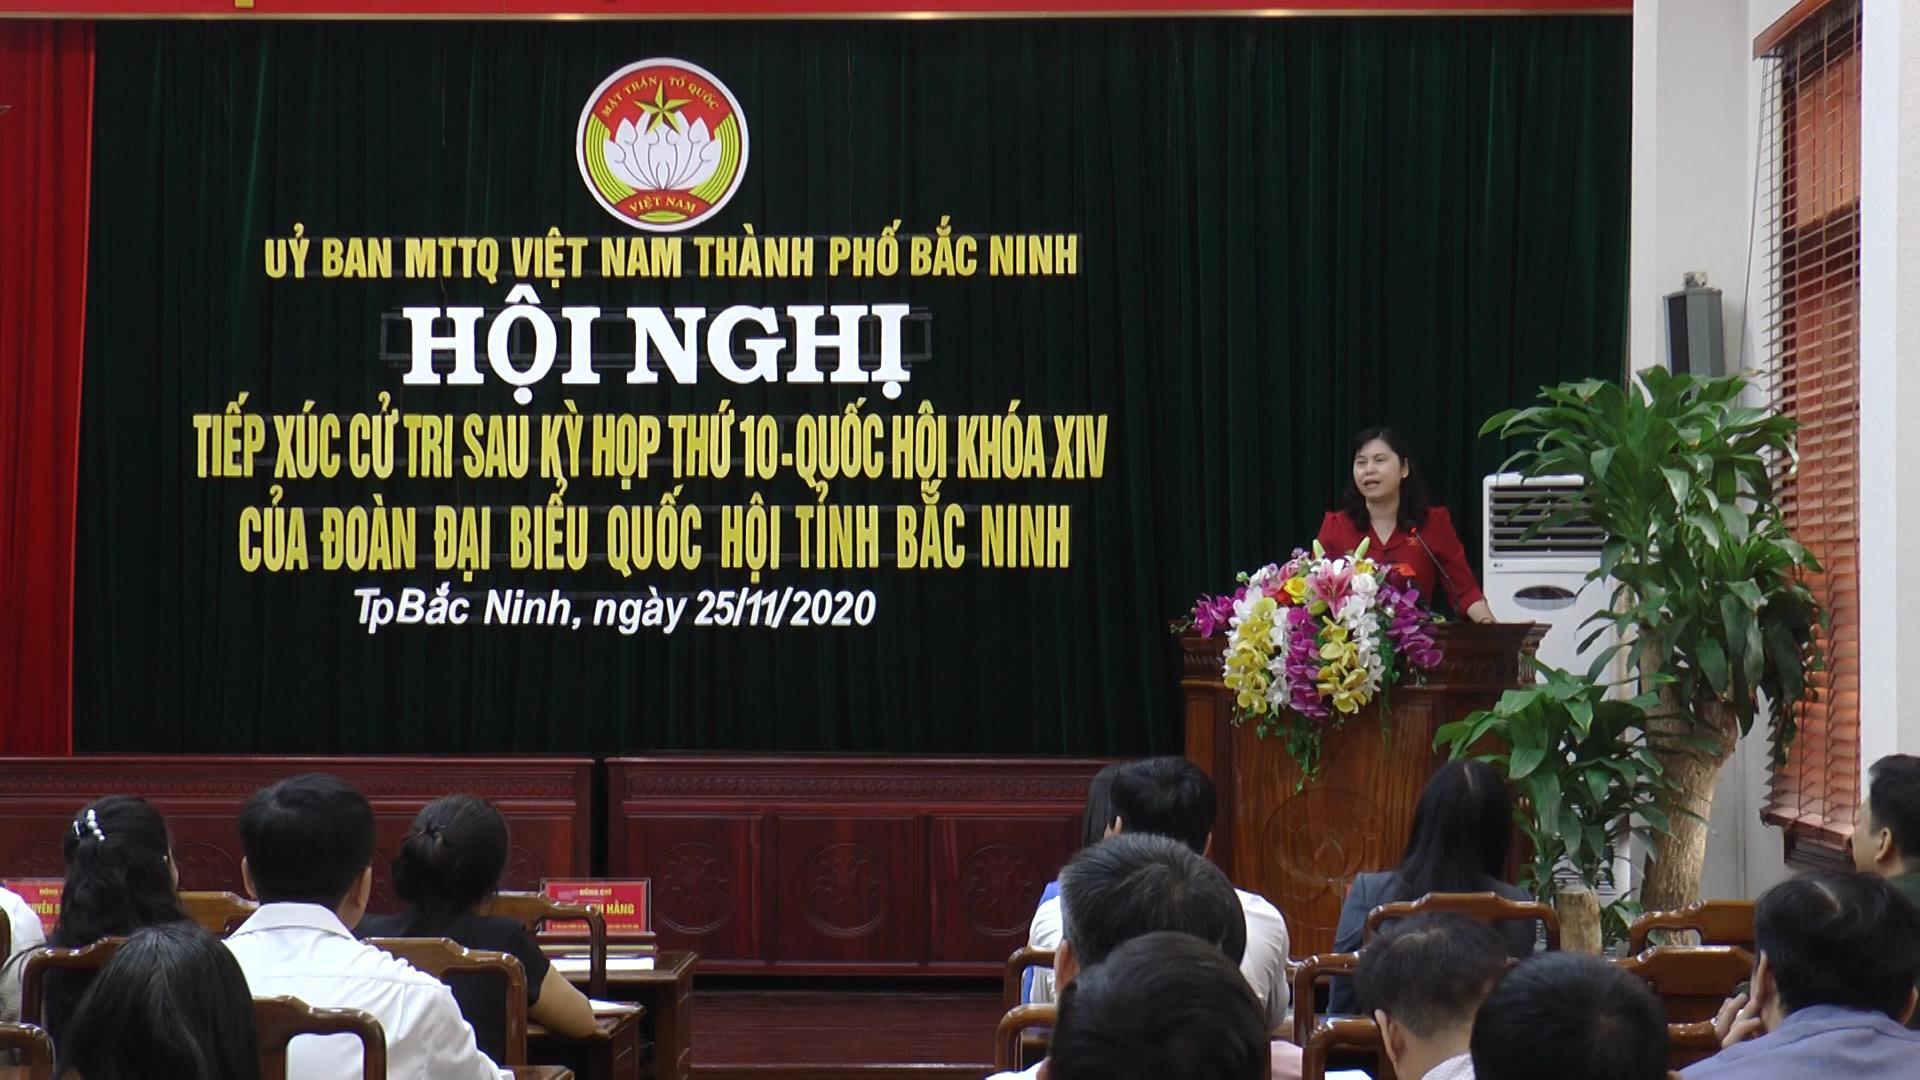 Đoàn Đại biểu Quốc hội tỉnh tiếp xúc cử tri thành phố Bắc Ninh